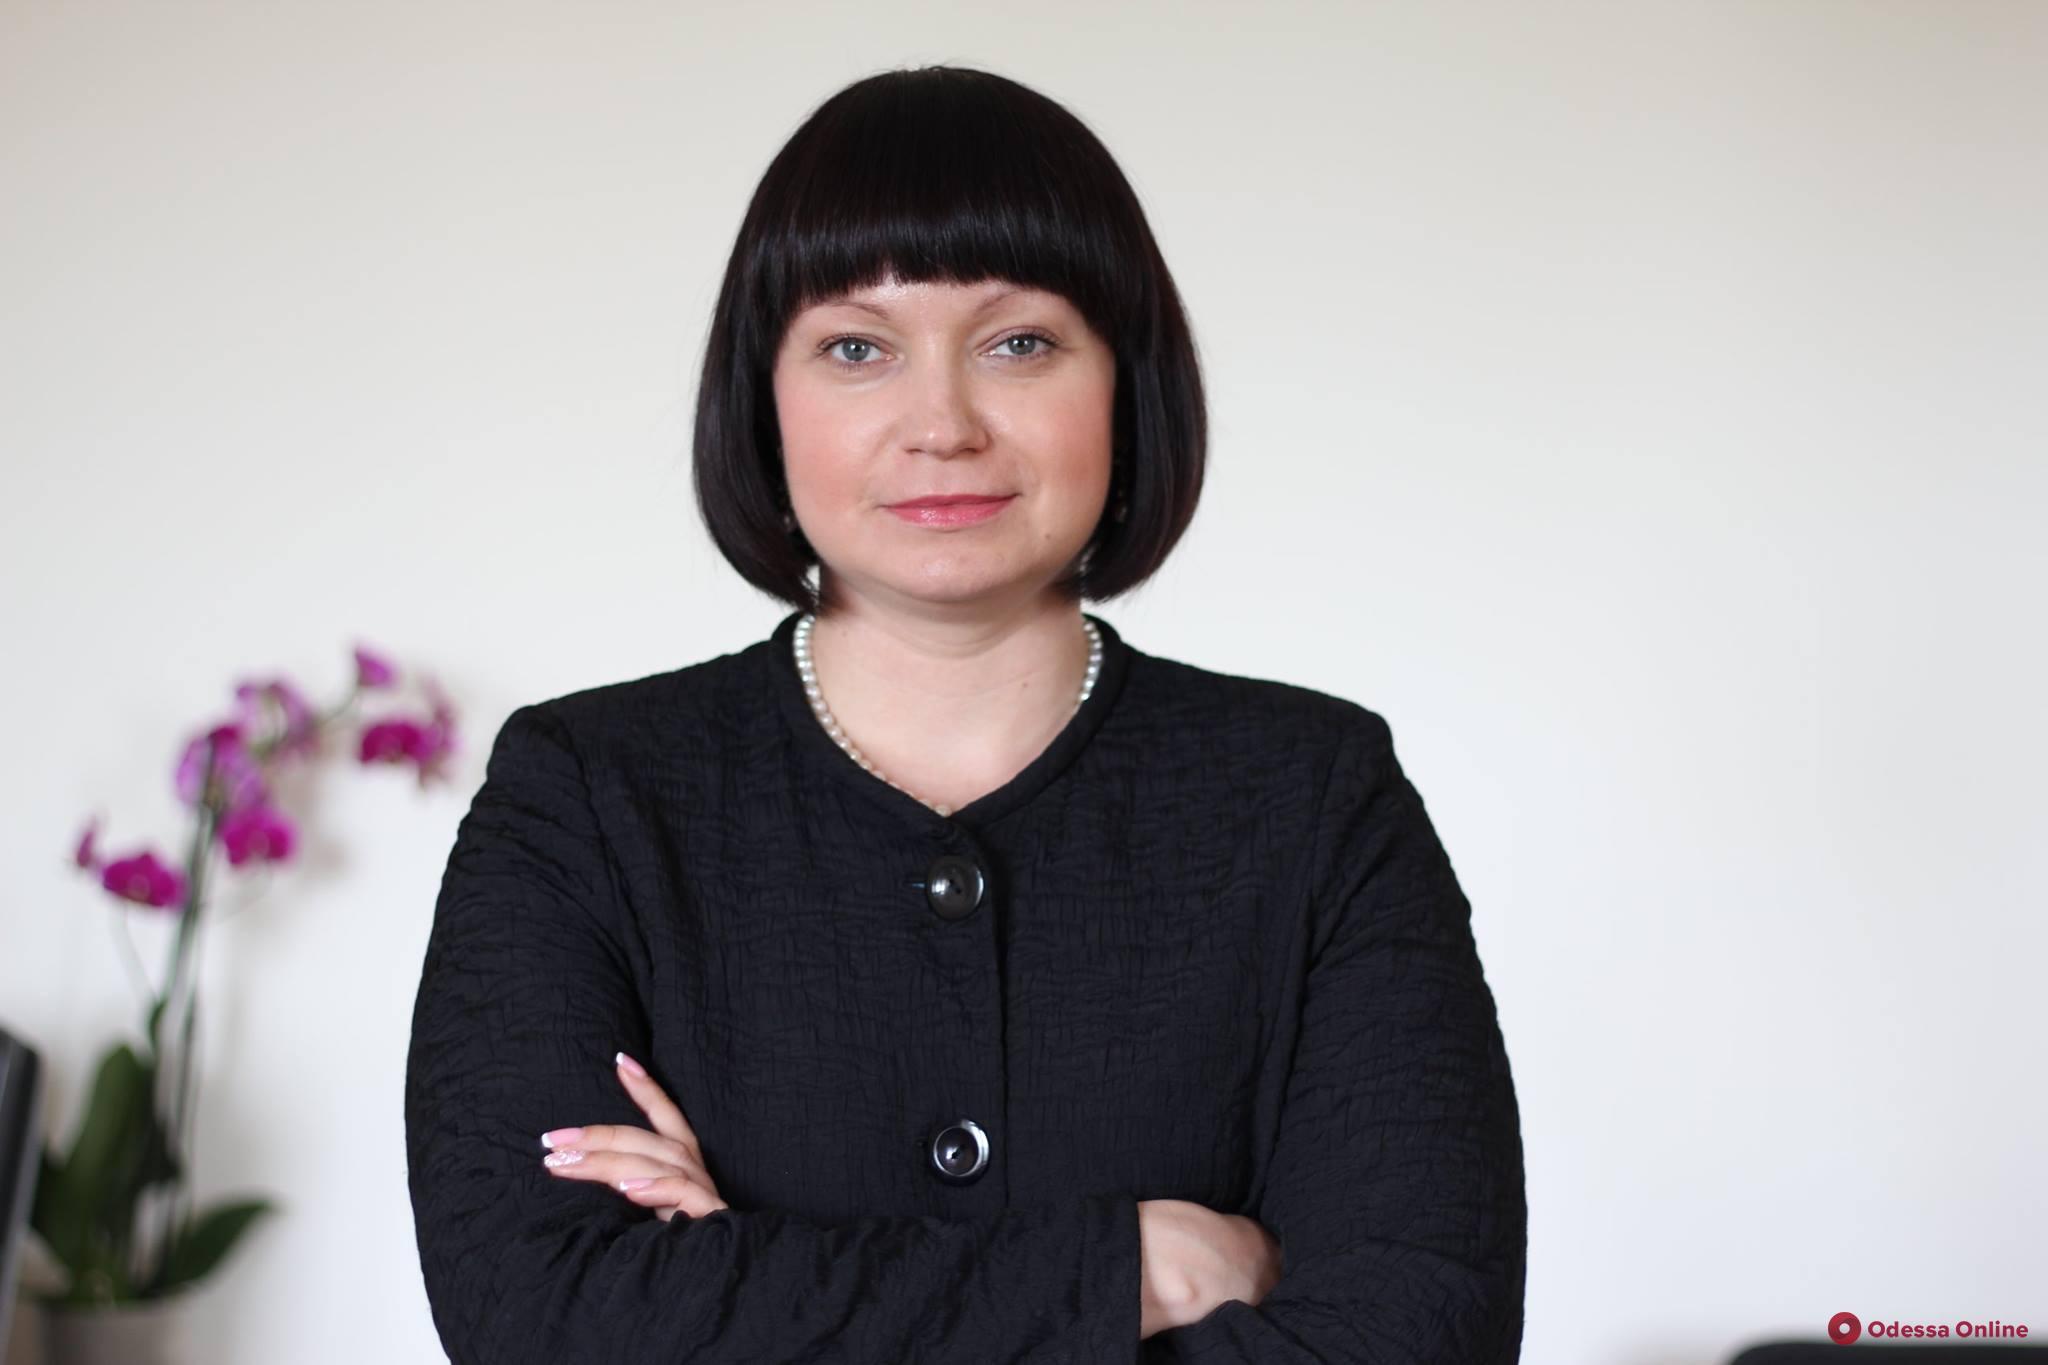 Замглавы Одесской ОГА Светлана Шаталова подала в отставку